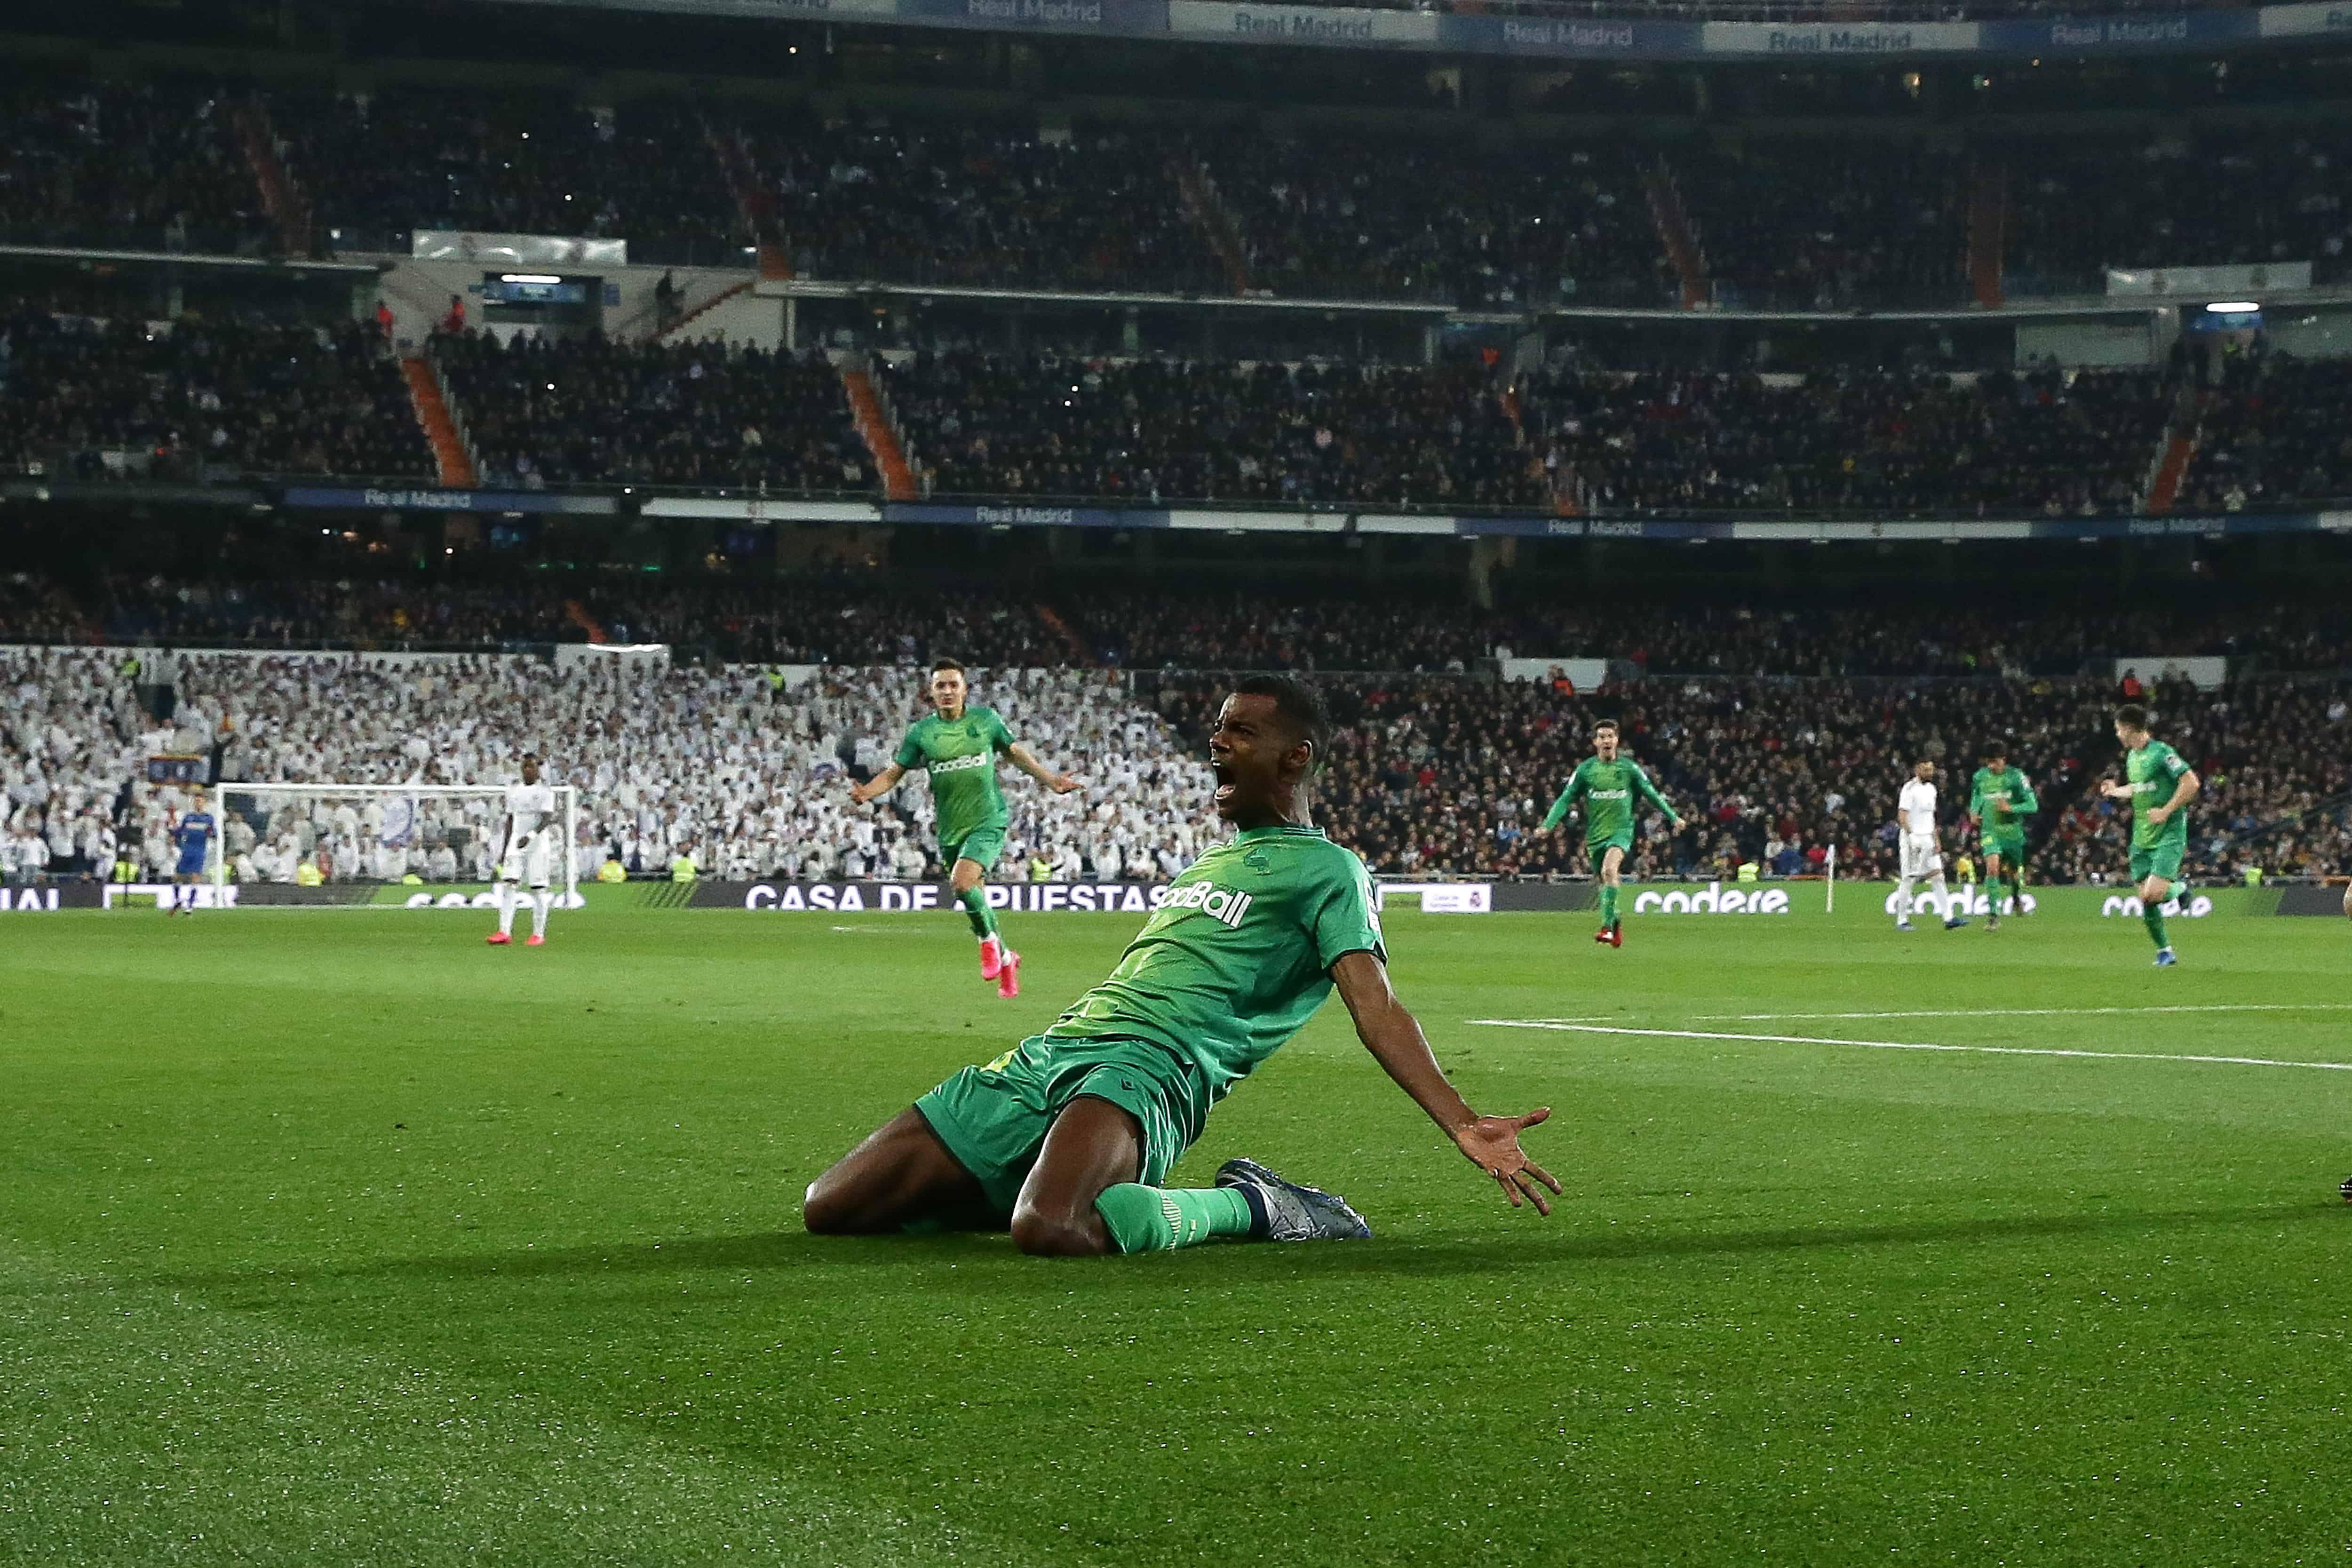 Real Sociedad Sorprendio Y Elimino A Real Madrid De La Copa Del Rey Santiago Bernabeu Real Madrid Y Bernabeu